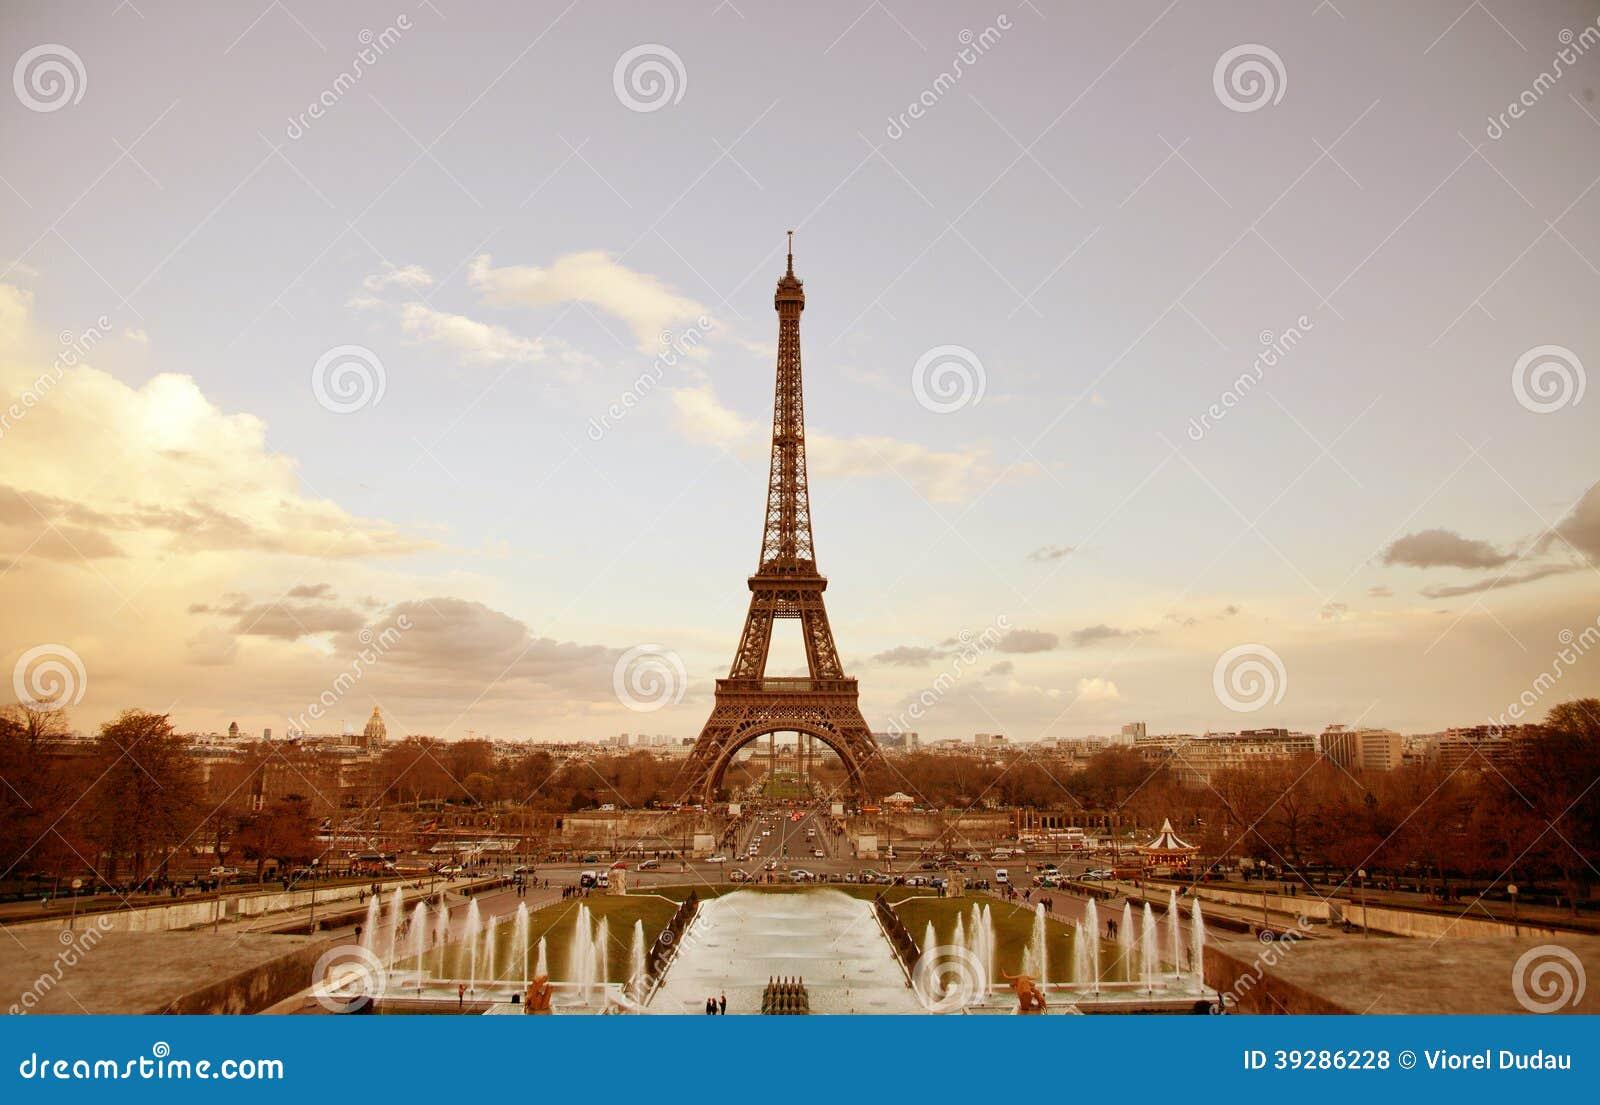 Arquitetura da cidade do sepia de Paris com torre Eiffel